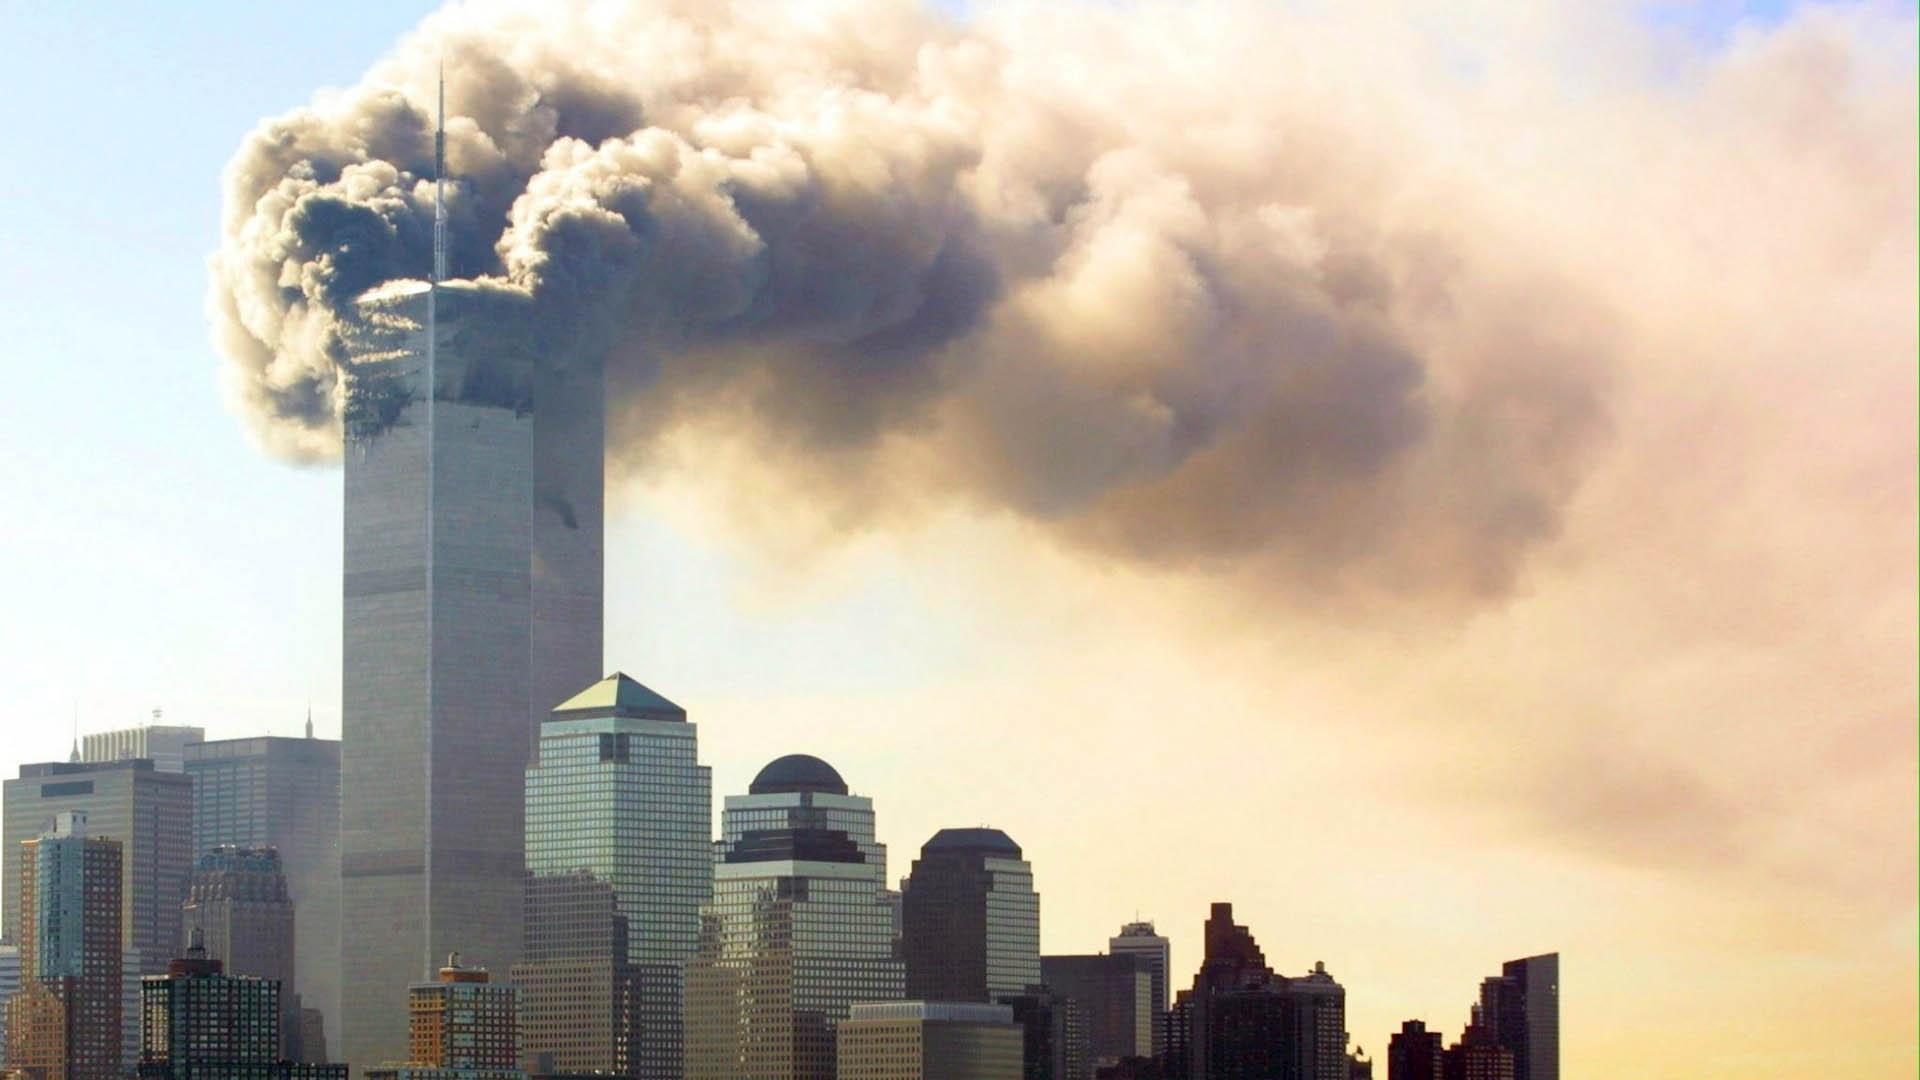 11 septiembre torres gemelas 2001